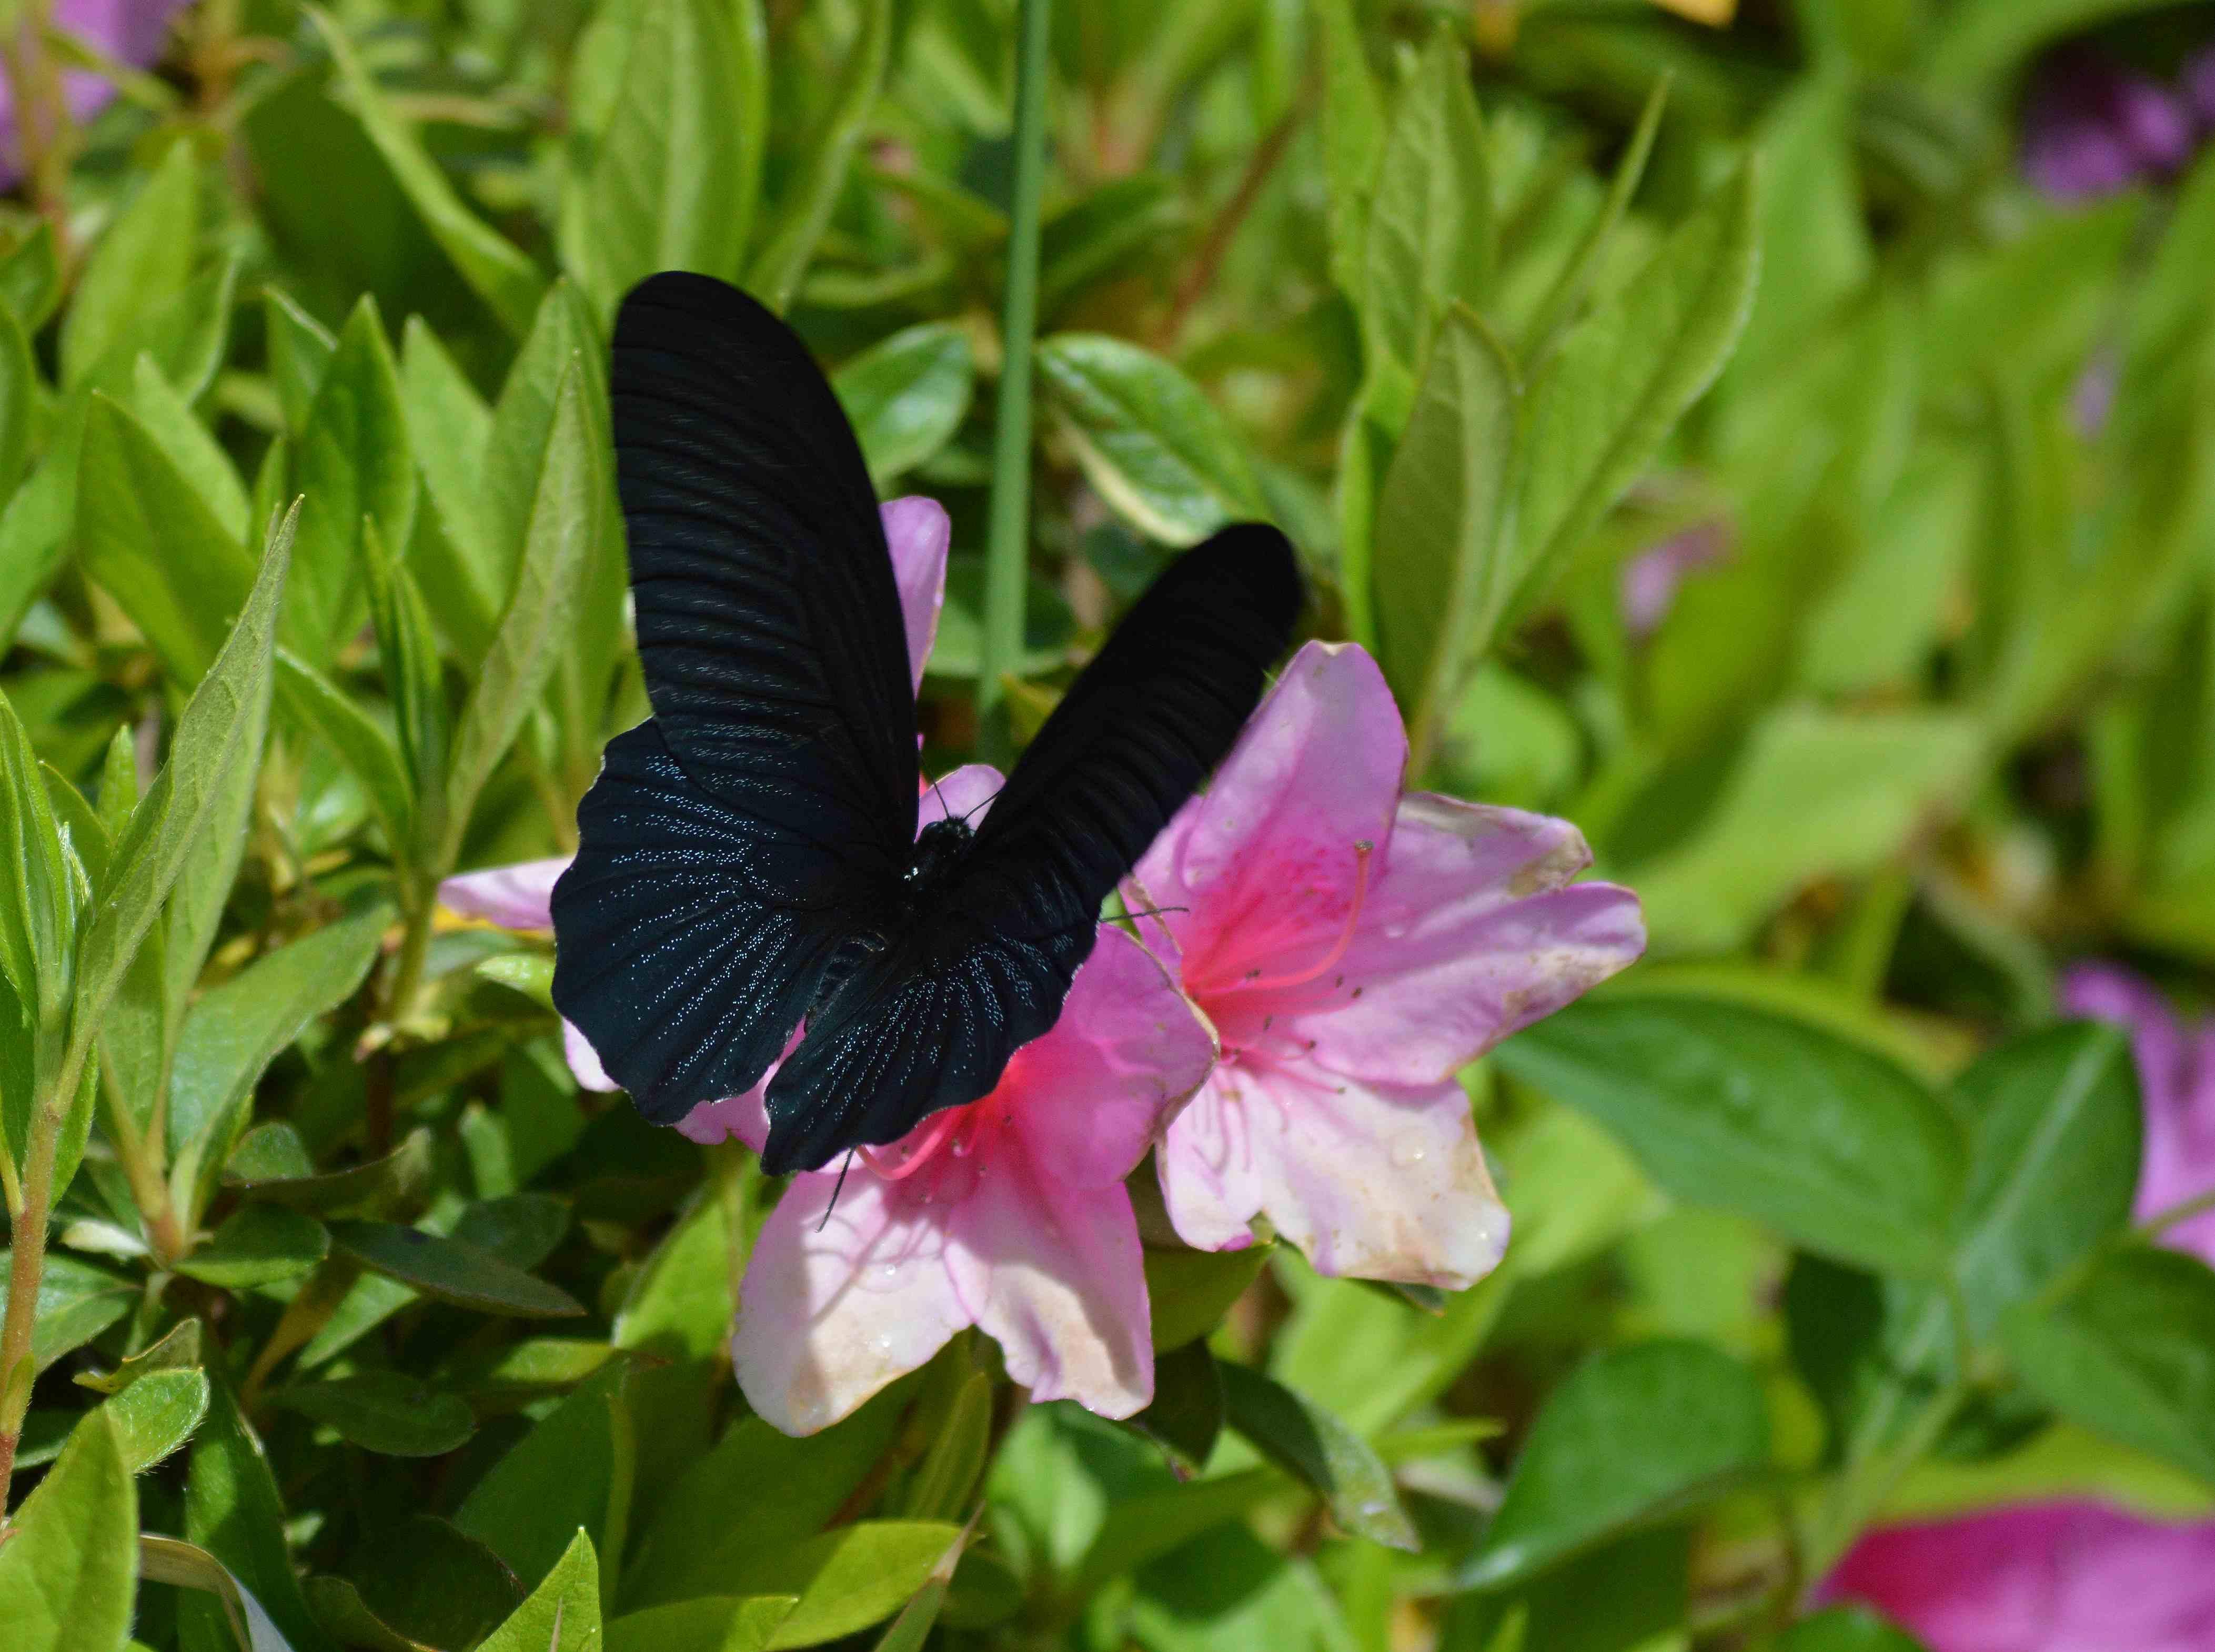 ナガサキアゲハ 超巨大な蝶です_d0254540_1345916.jpg